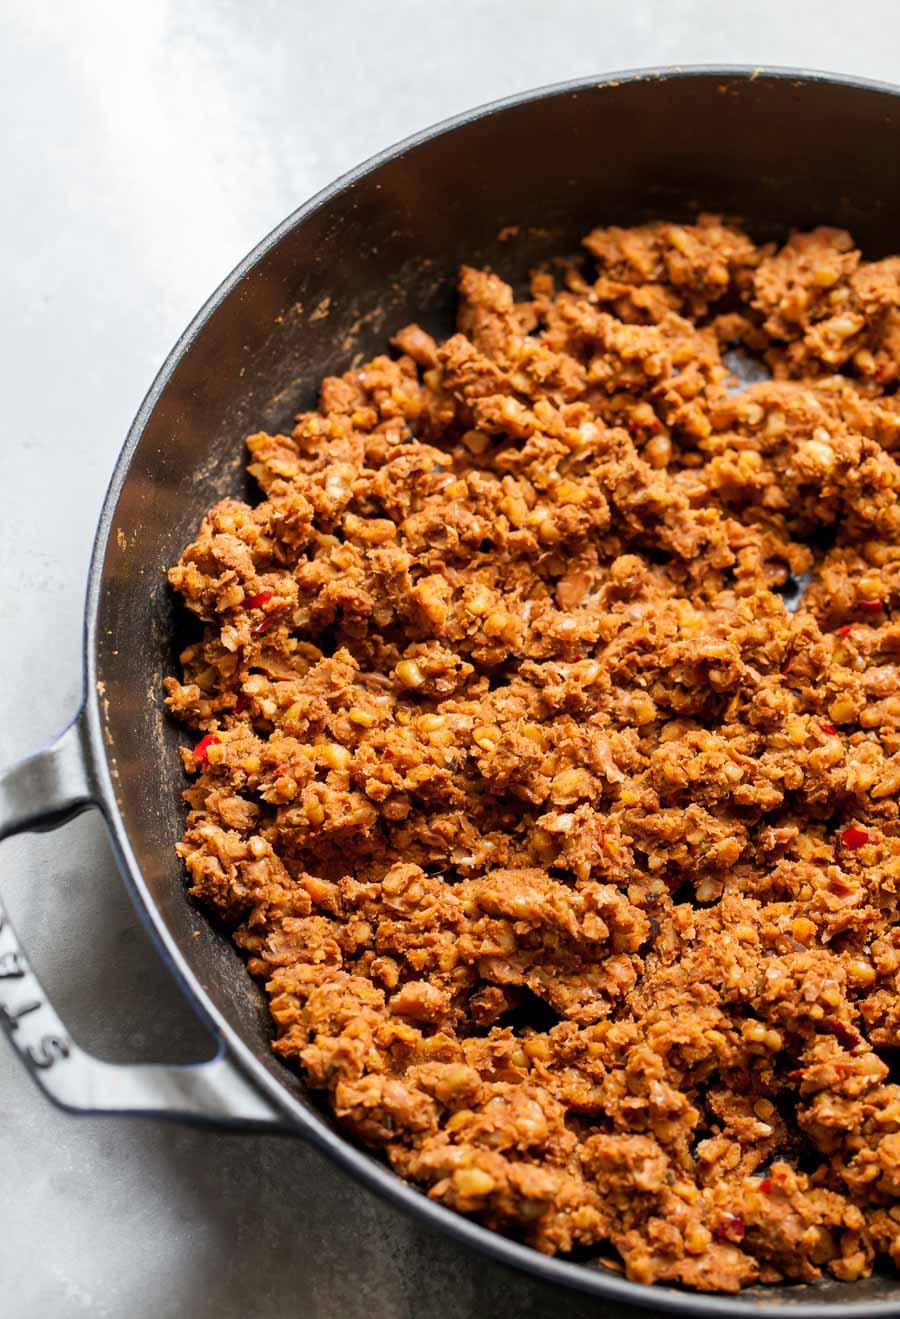 Plant-Based Crumbled Walnut Chorizo